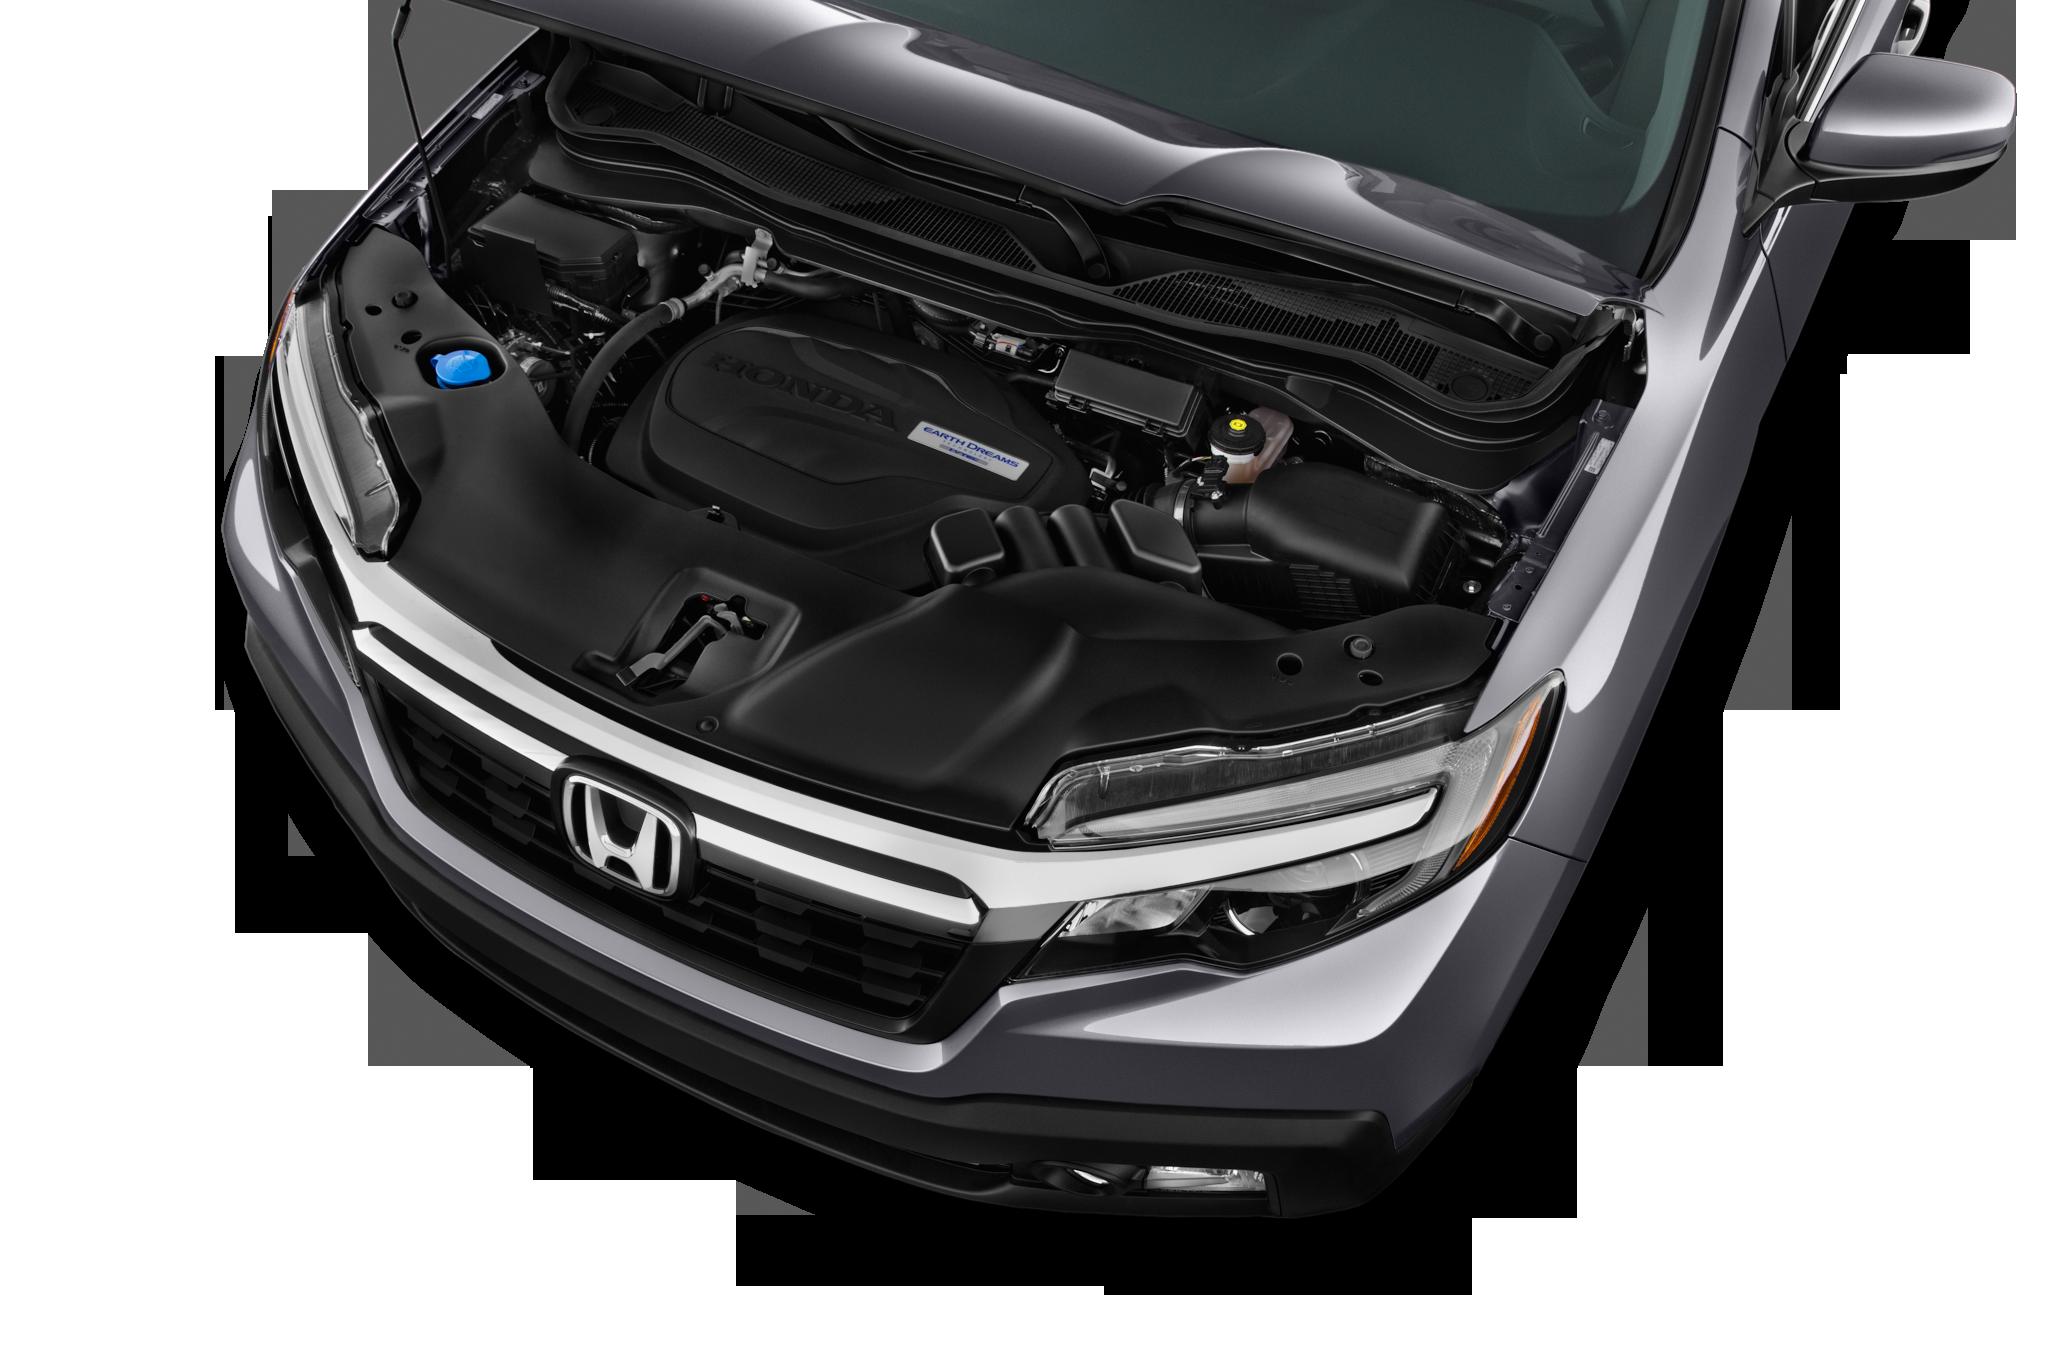 Image Result For Honda Ridgeline Epa Mpg